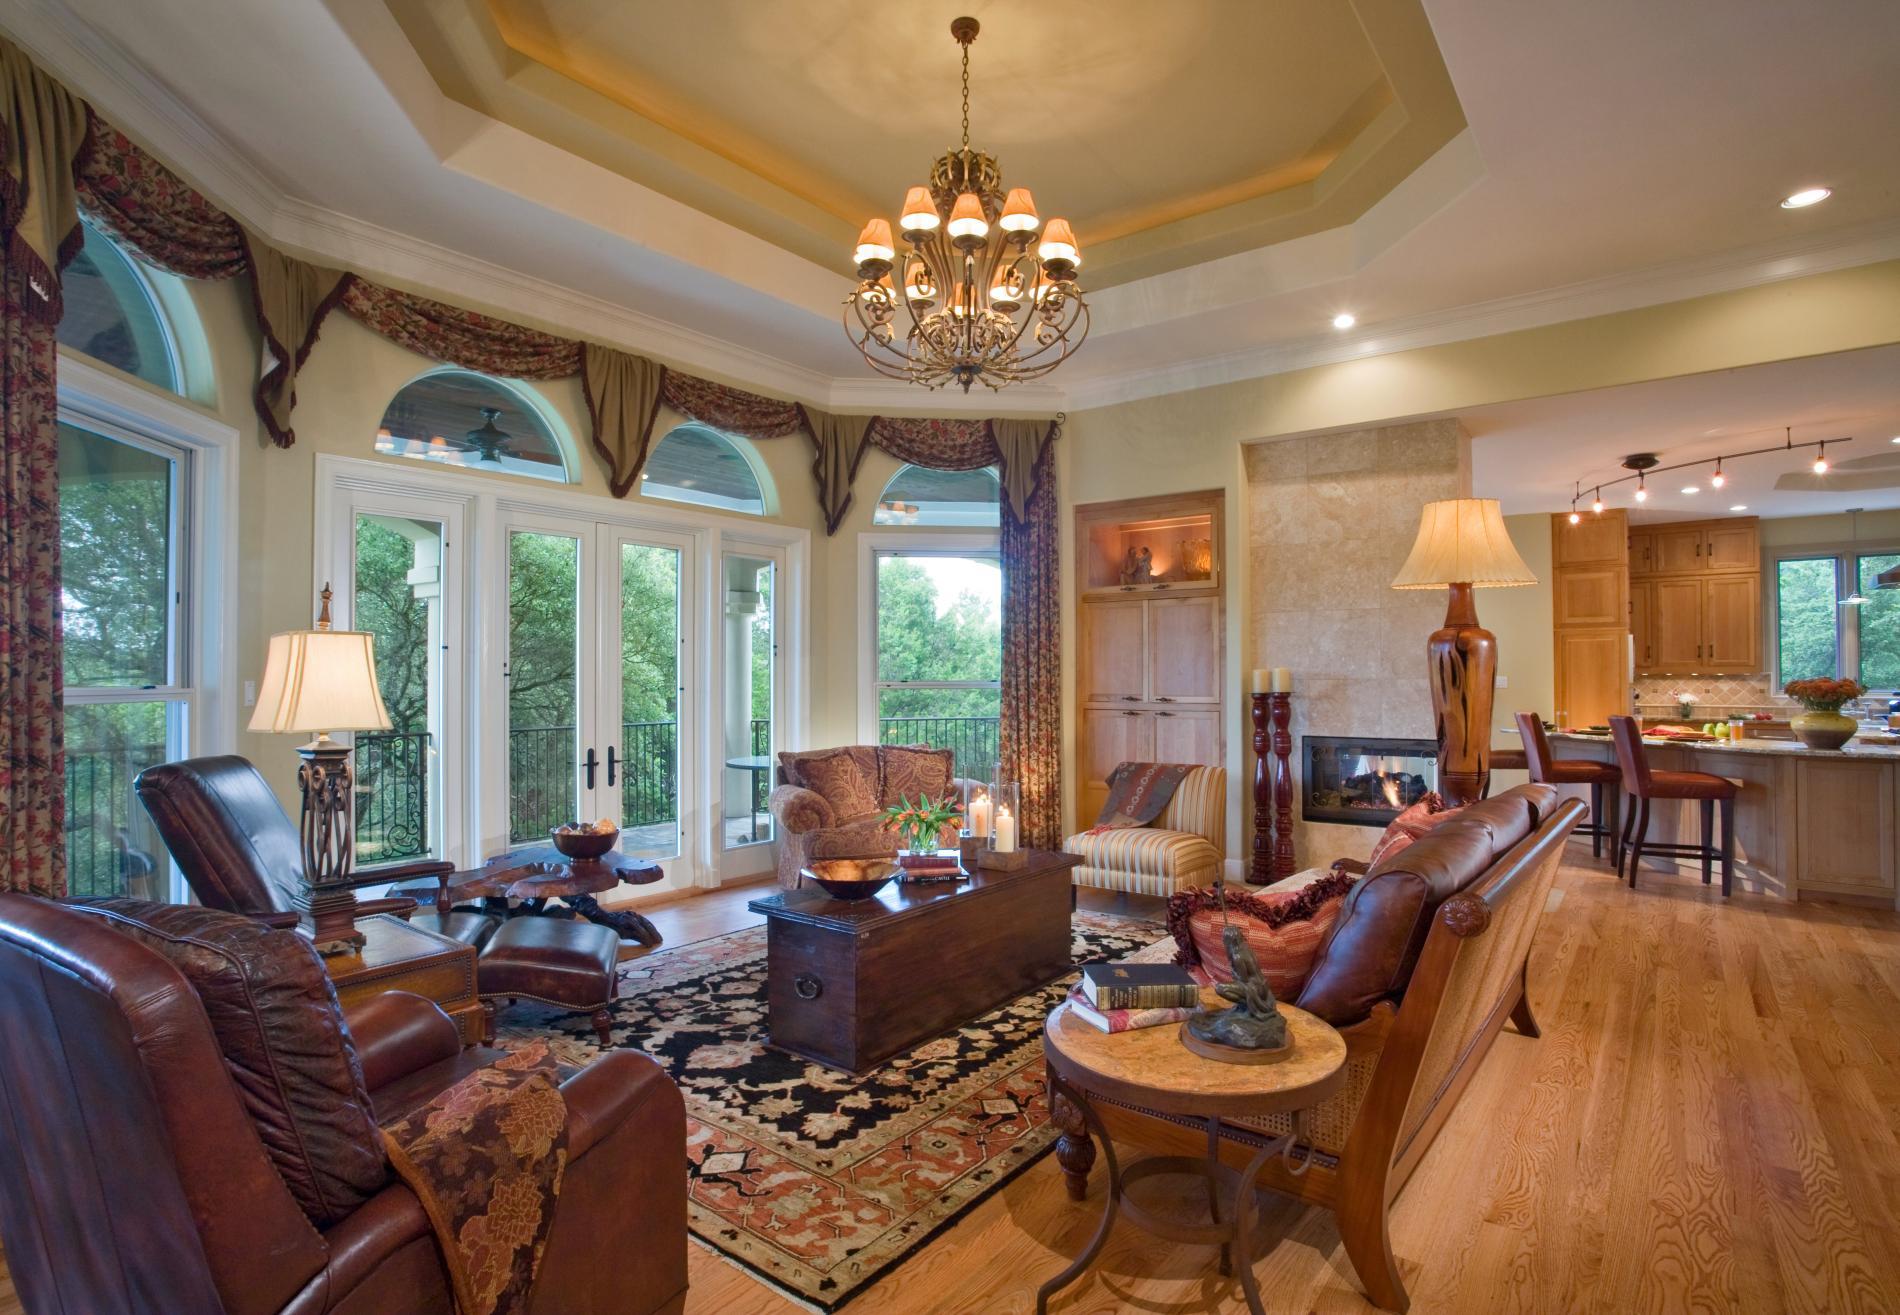 дизайн интерьера гостиной в загородном доме.jpg